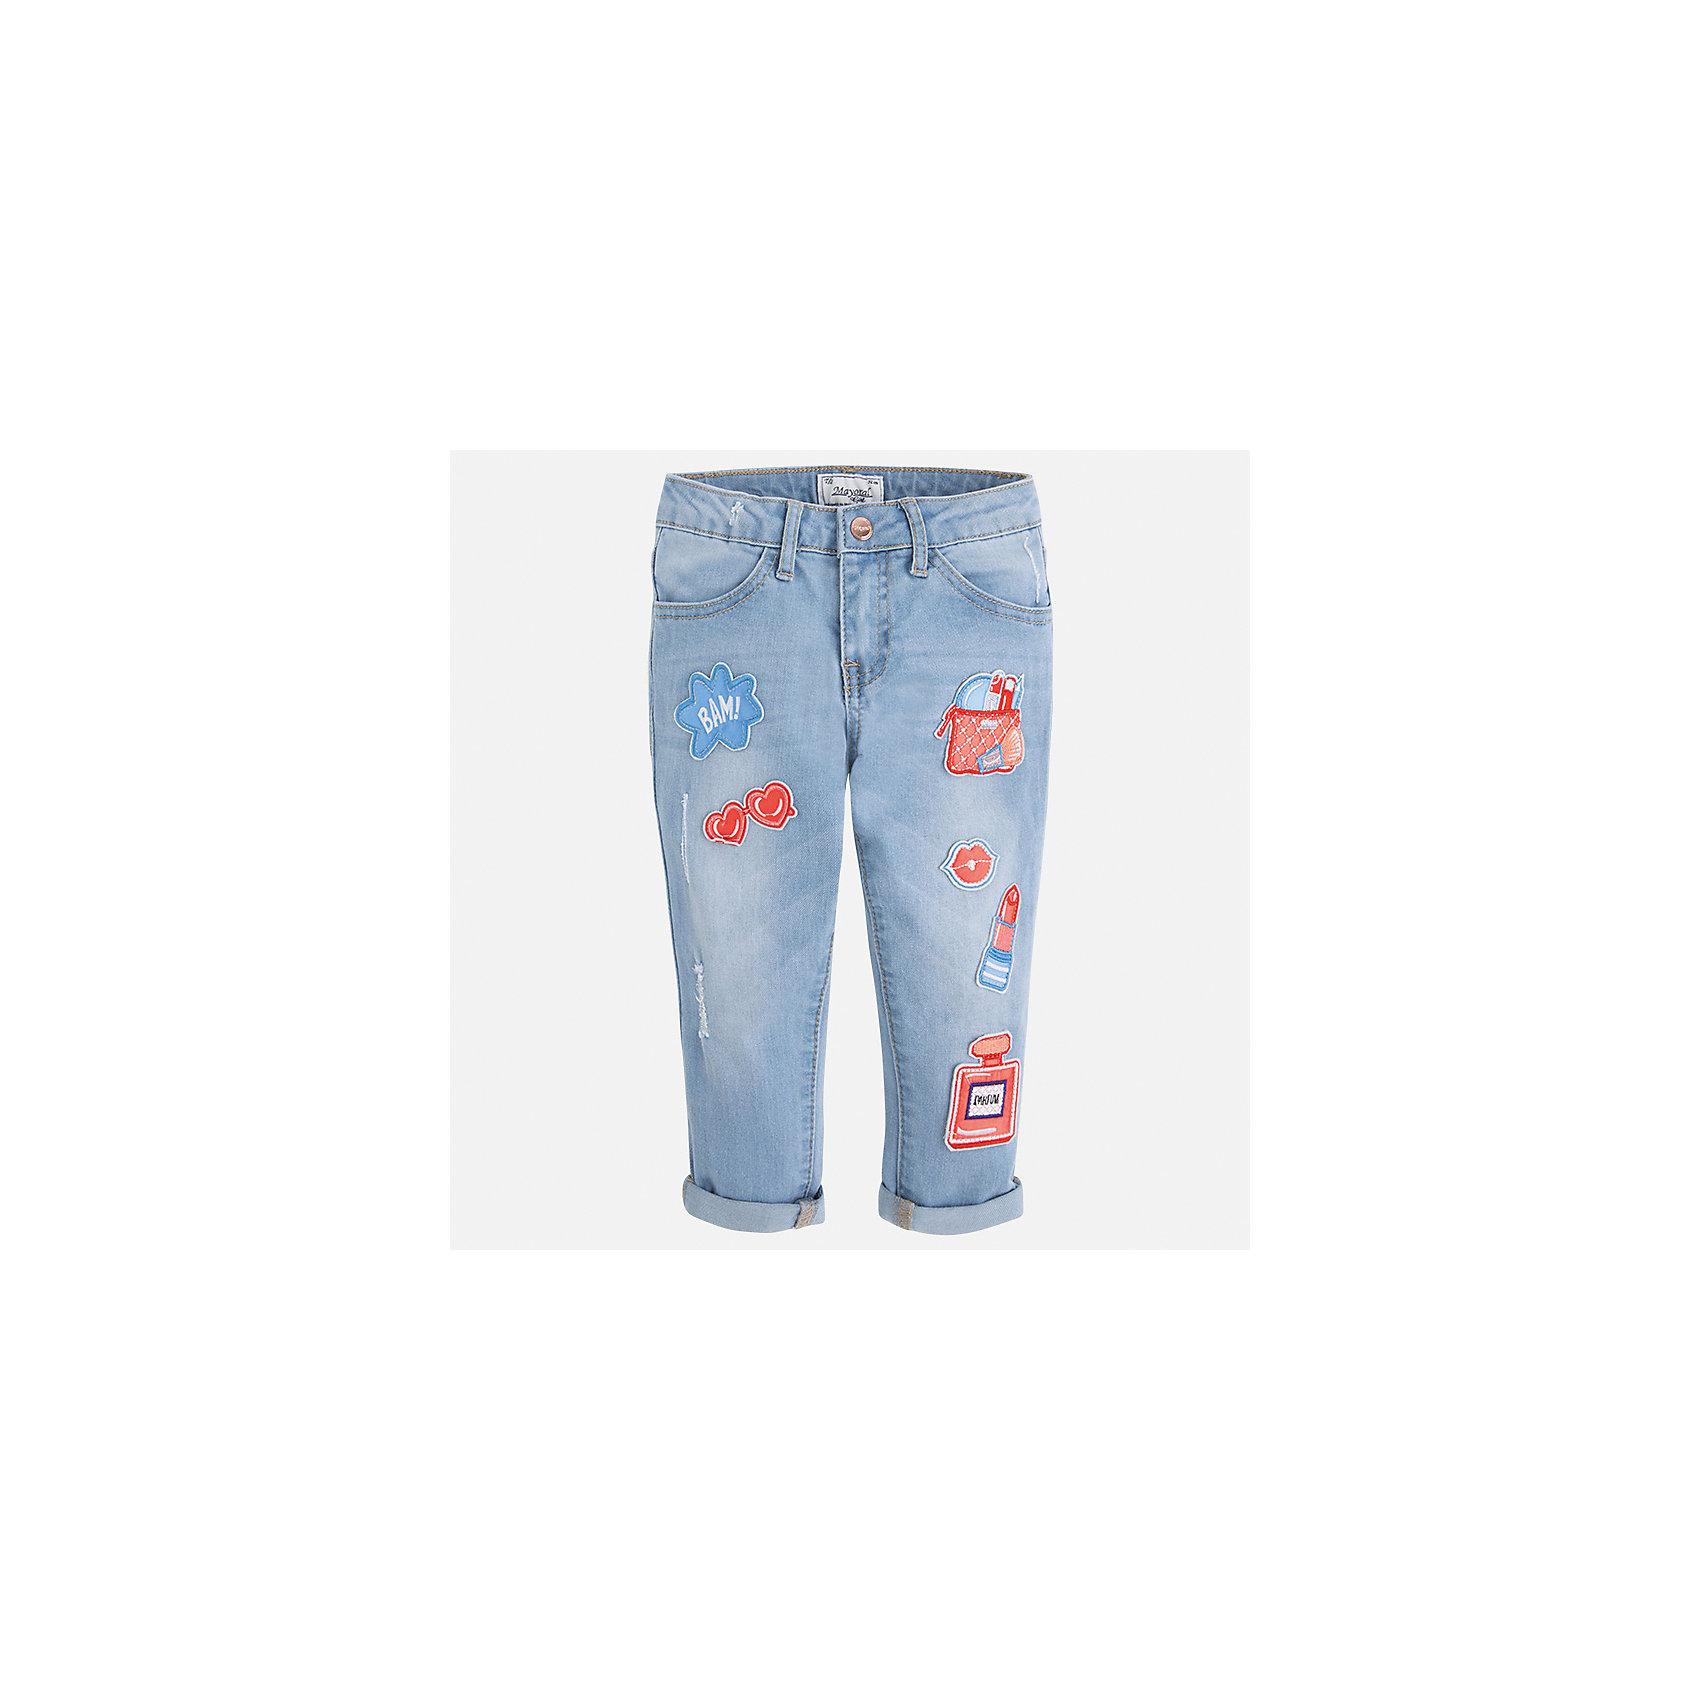 Бриджи джинсовые для девочки MayoralДжинсовая одежда<br>Характеристики товара:<br><br>• цвет: голубой<br>• состав: 68% хлопок, 29% полиэстер, 2% эластан<br>• шлевки<br>• карманы<br>• пояс с регулировкой объема<br>• отвороты<br>• страна бренда: Испания<br><br>Модные легкие брюки для девочки смогут разнообразить гардероб ребенка и украсить наряд. Они отлично сочетаются с майками, футболками, блузками и т.д. Красивый оттенок позволяет подобрать к вещи верх разных расцветок. Интересная отделка модели делает её нарядной и оригинальной. В составе материала - натуральный хлопок, гипоаллергенный, приятный на ощупь, дышащий.<br><br>Одежда, обувь и аксессуары от испанского бренда Mayoral полюбились детям и взрослым по всему миру. Модели этой марки - стильные и удобные. Для их производства используются только безопасные, качественные материалы и фурнитура. Порадуйте ребенка модными и красивыми вещами от Mayoral! <br><br>Бриджи для девочки от испанского бренда Mayoral (Майорал) можно купить в нашем интернет-магазине.<br><br>Ширина мм: 191<br>Глубина мм: 10<br>Высота мм: 175<br>Вес г: 273<br>Цвет: синий<br>Возраст от месяцев: 96<br>Возраст до месяцев: 108<br>Пол: Женский<br>Возраст: Детский<br>Размер: 134,92,98,104,110,116,122,128<br>SKU: 5290337